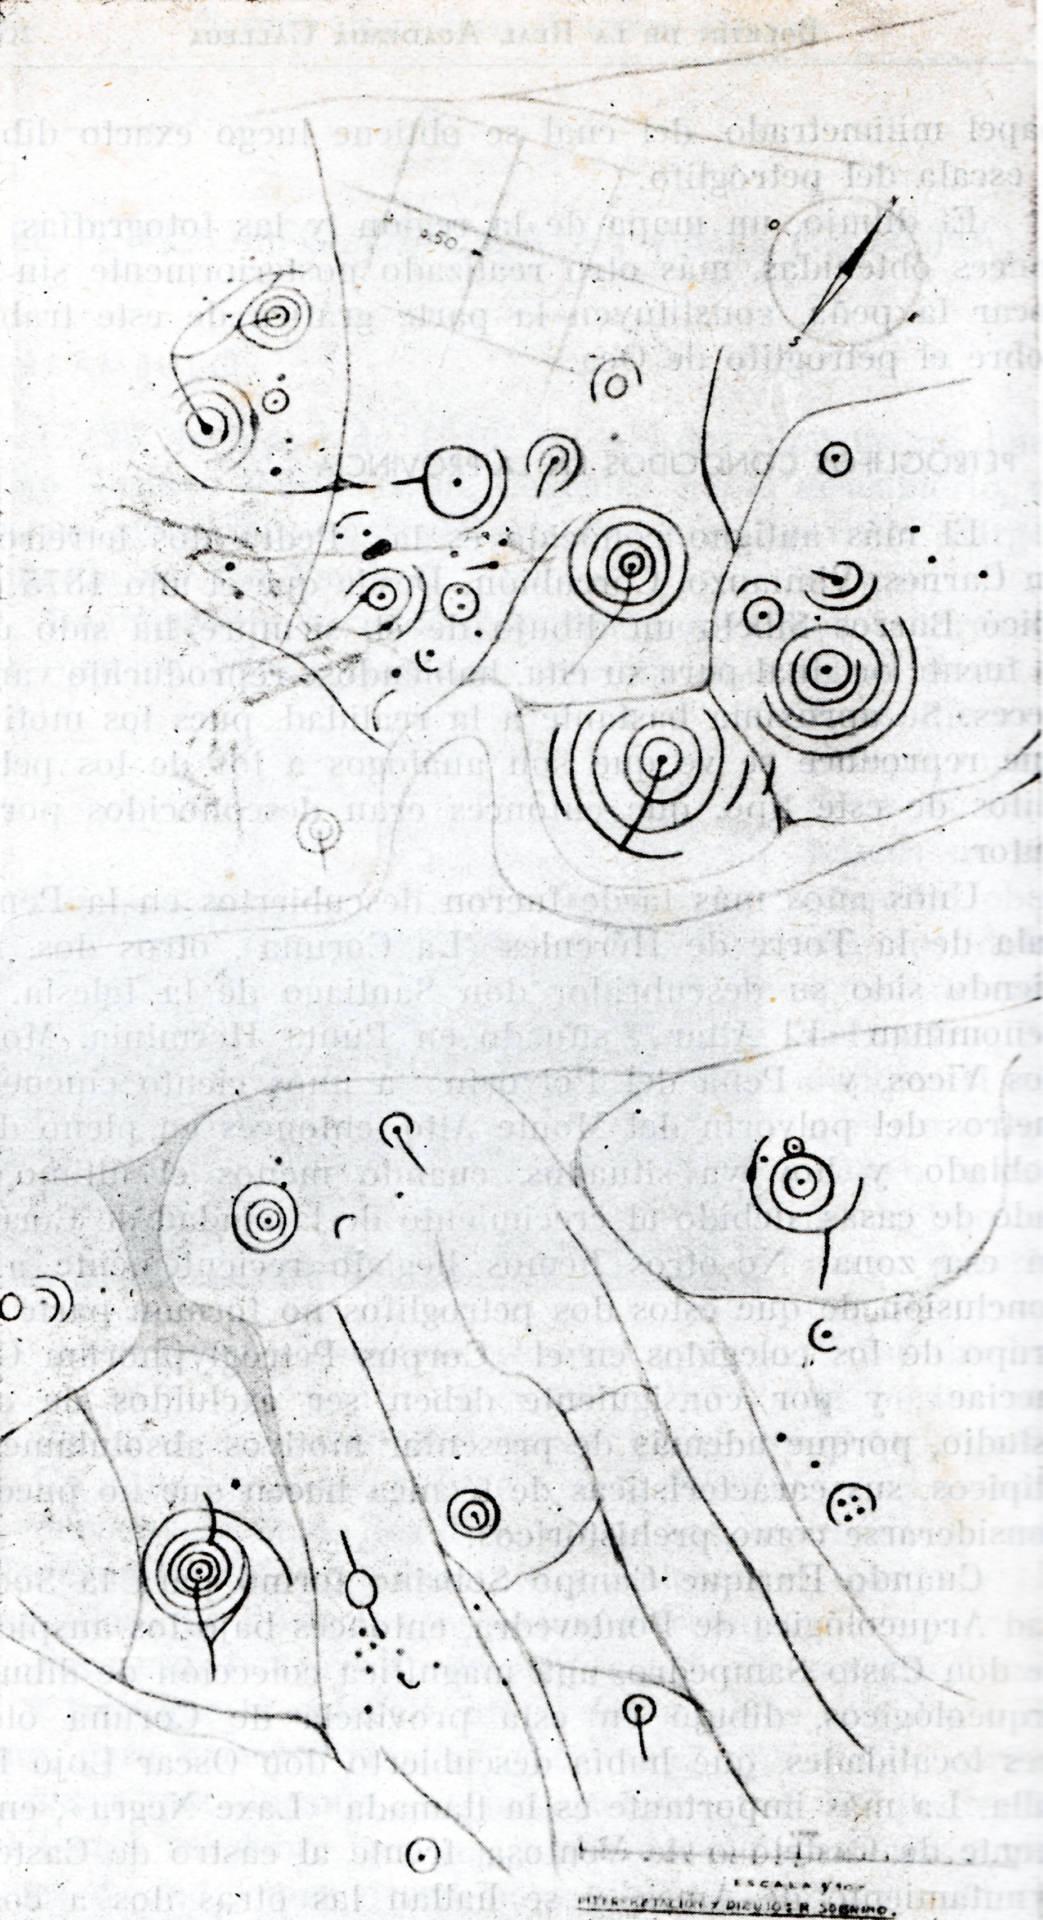 Calco do Petróglifo de Oca. Lorenzo-Ruza 1951. Boletín de la Real Academia Gallega.